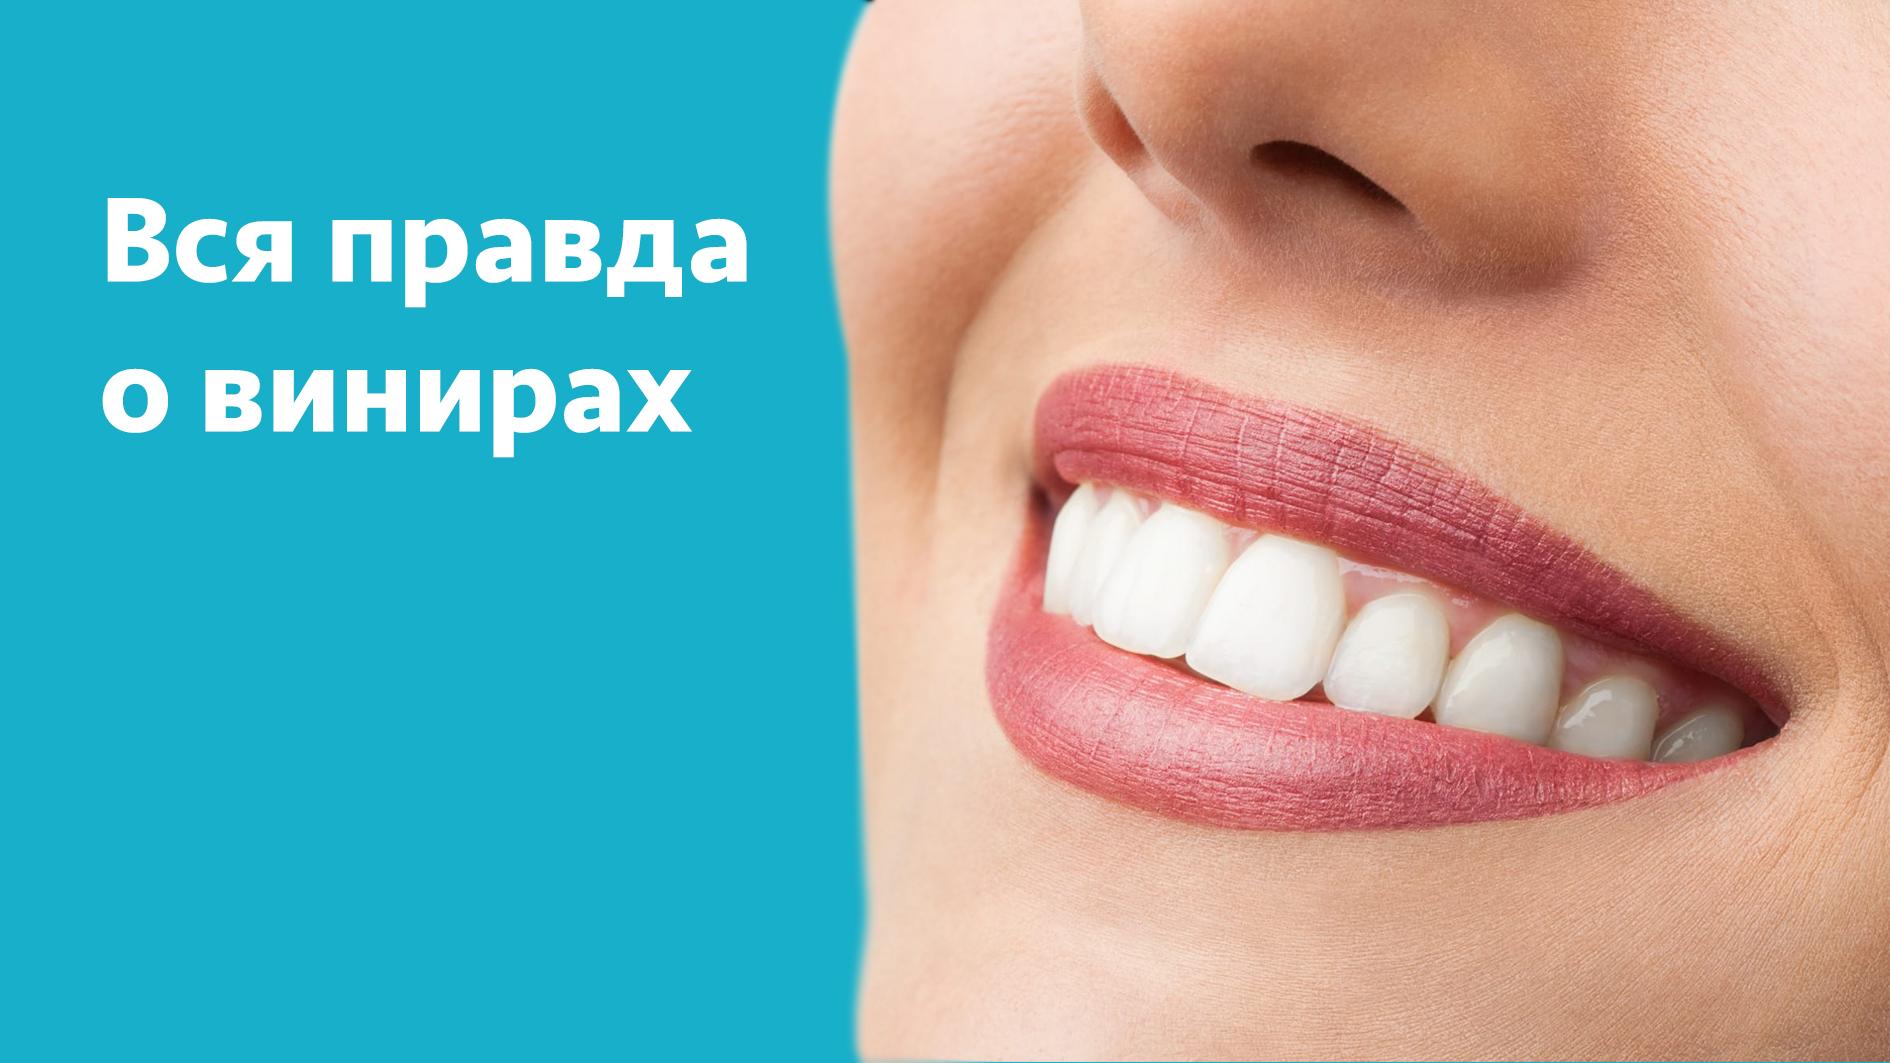 виниры для зубов из америки отзывы